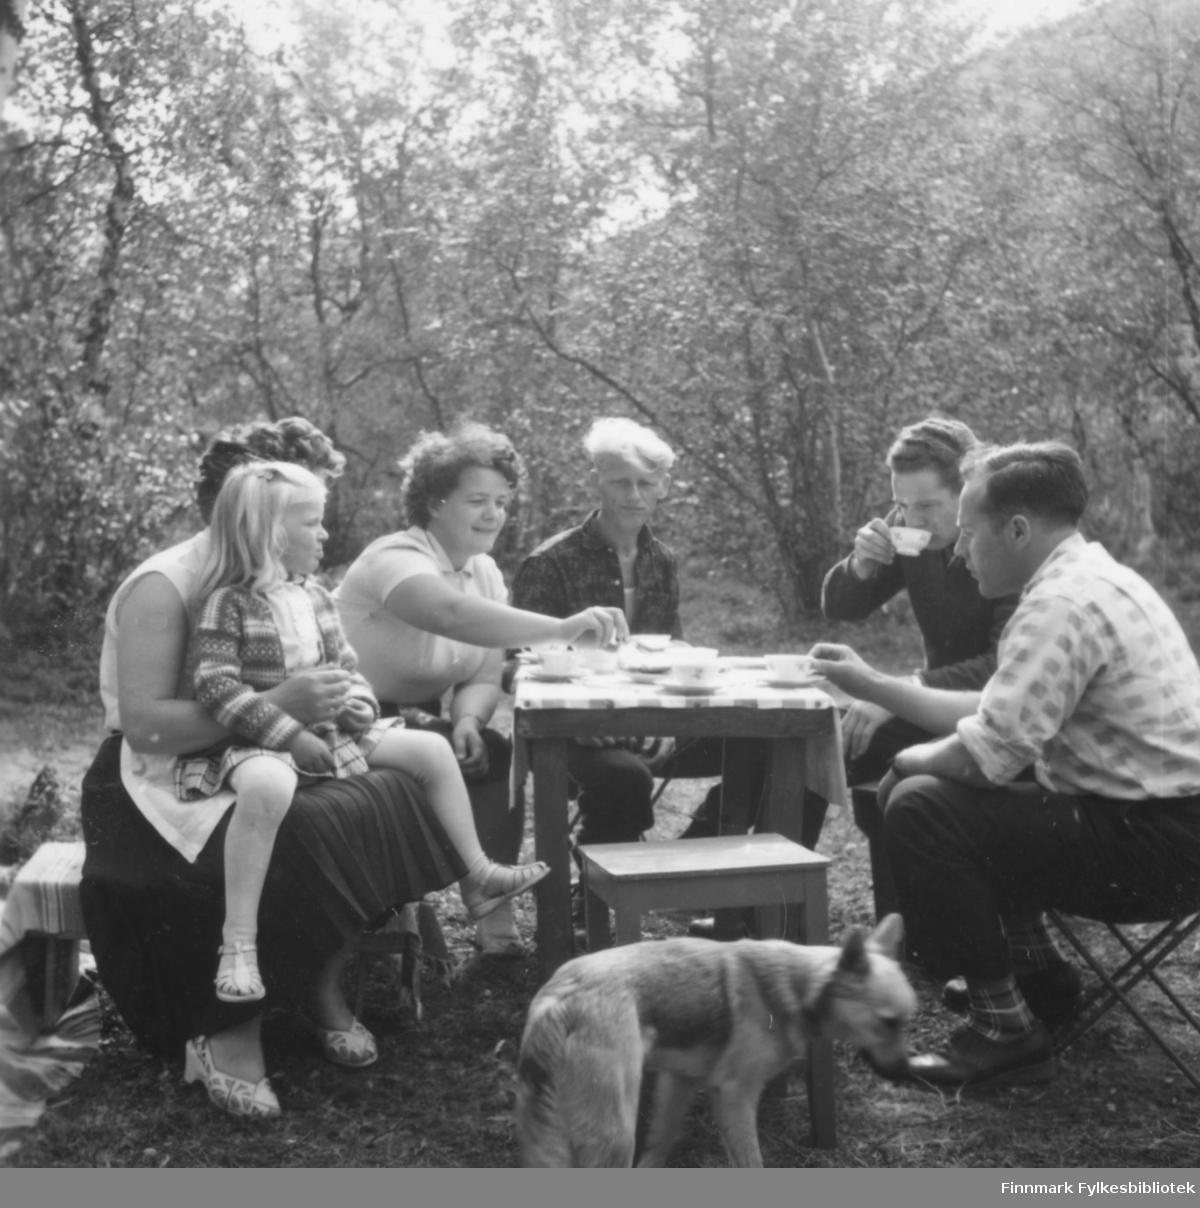 Kaffebord ute, kanskje samme hyttebesøk i Lismajok som 05046-077. Fra venstre: Ser ut til å være Anna Malinen med datteren Lise på fanget, så Ragnhild Ebeltoft, Bjarne Feldt?, ukjent, Ingvald Malinen